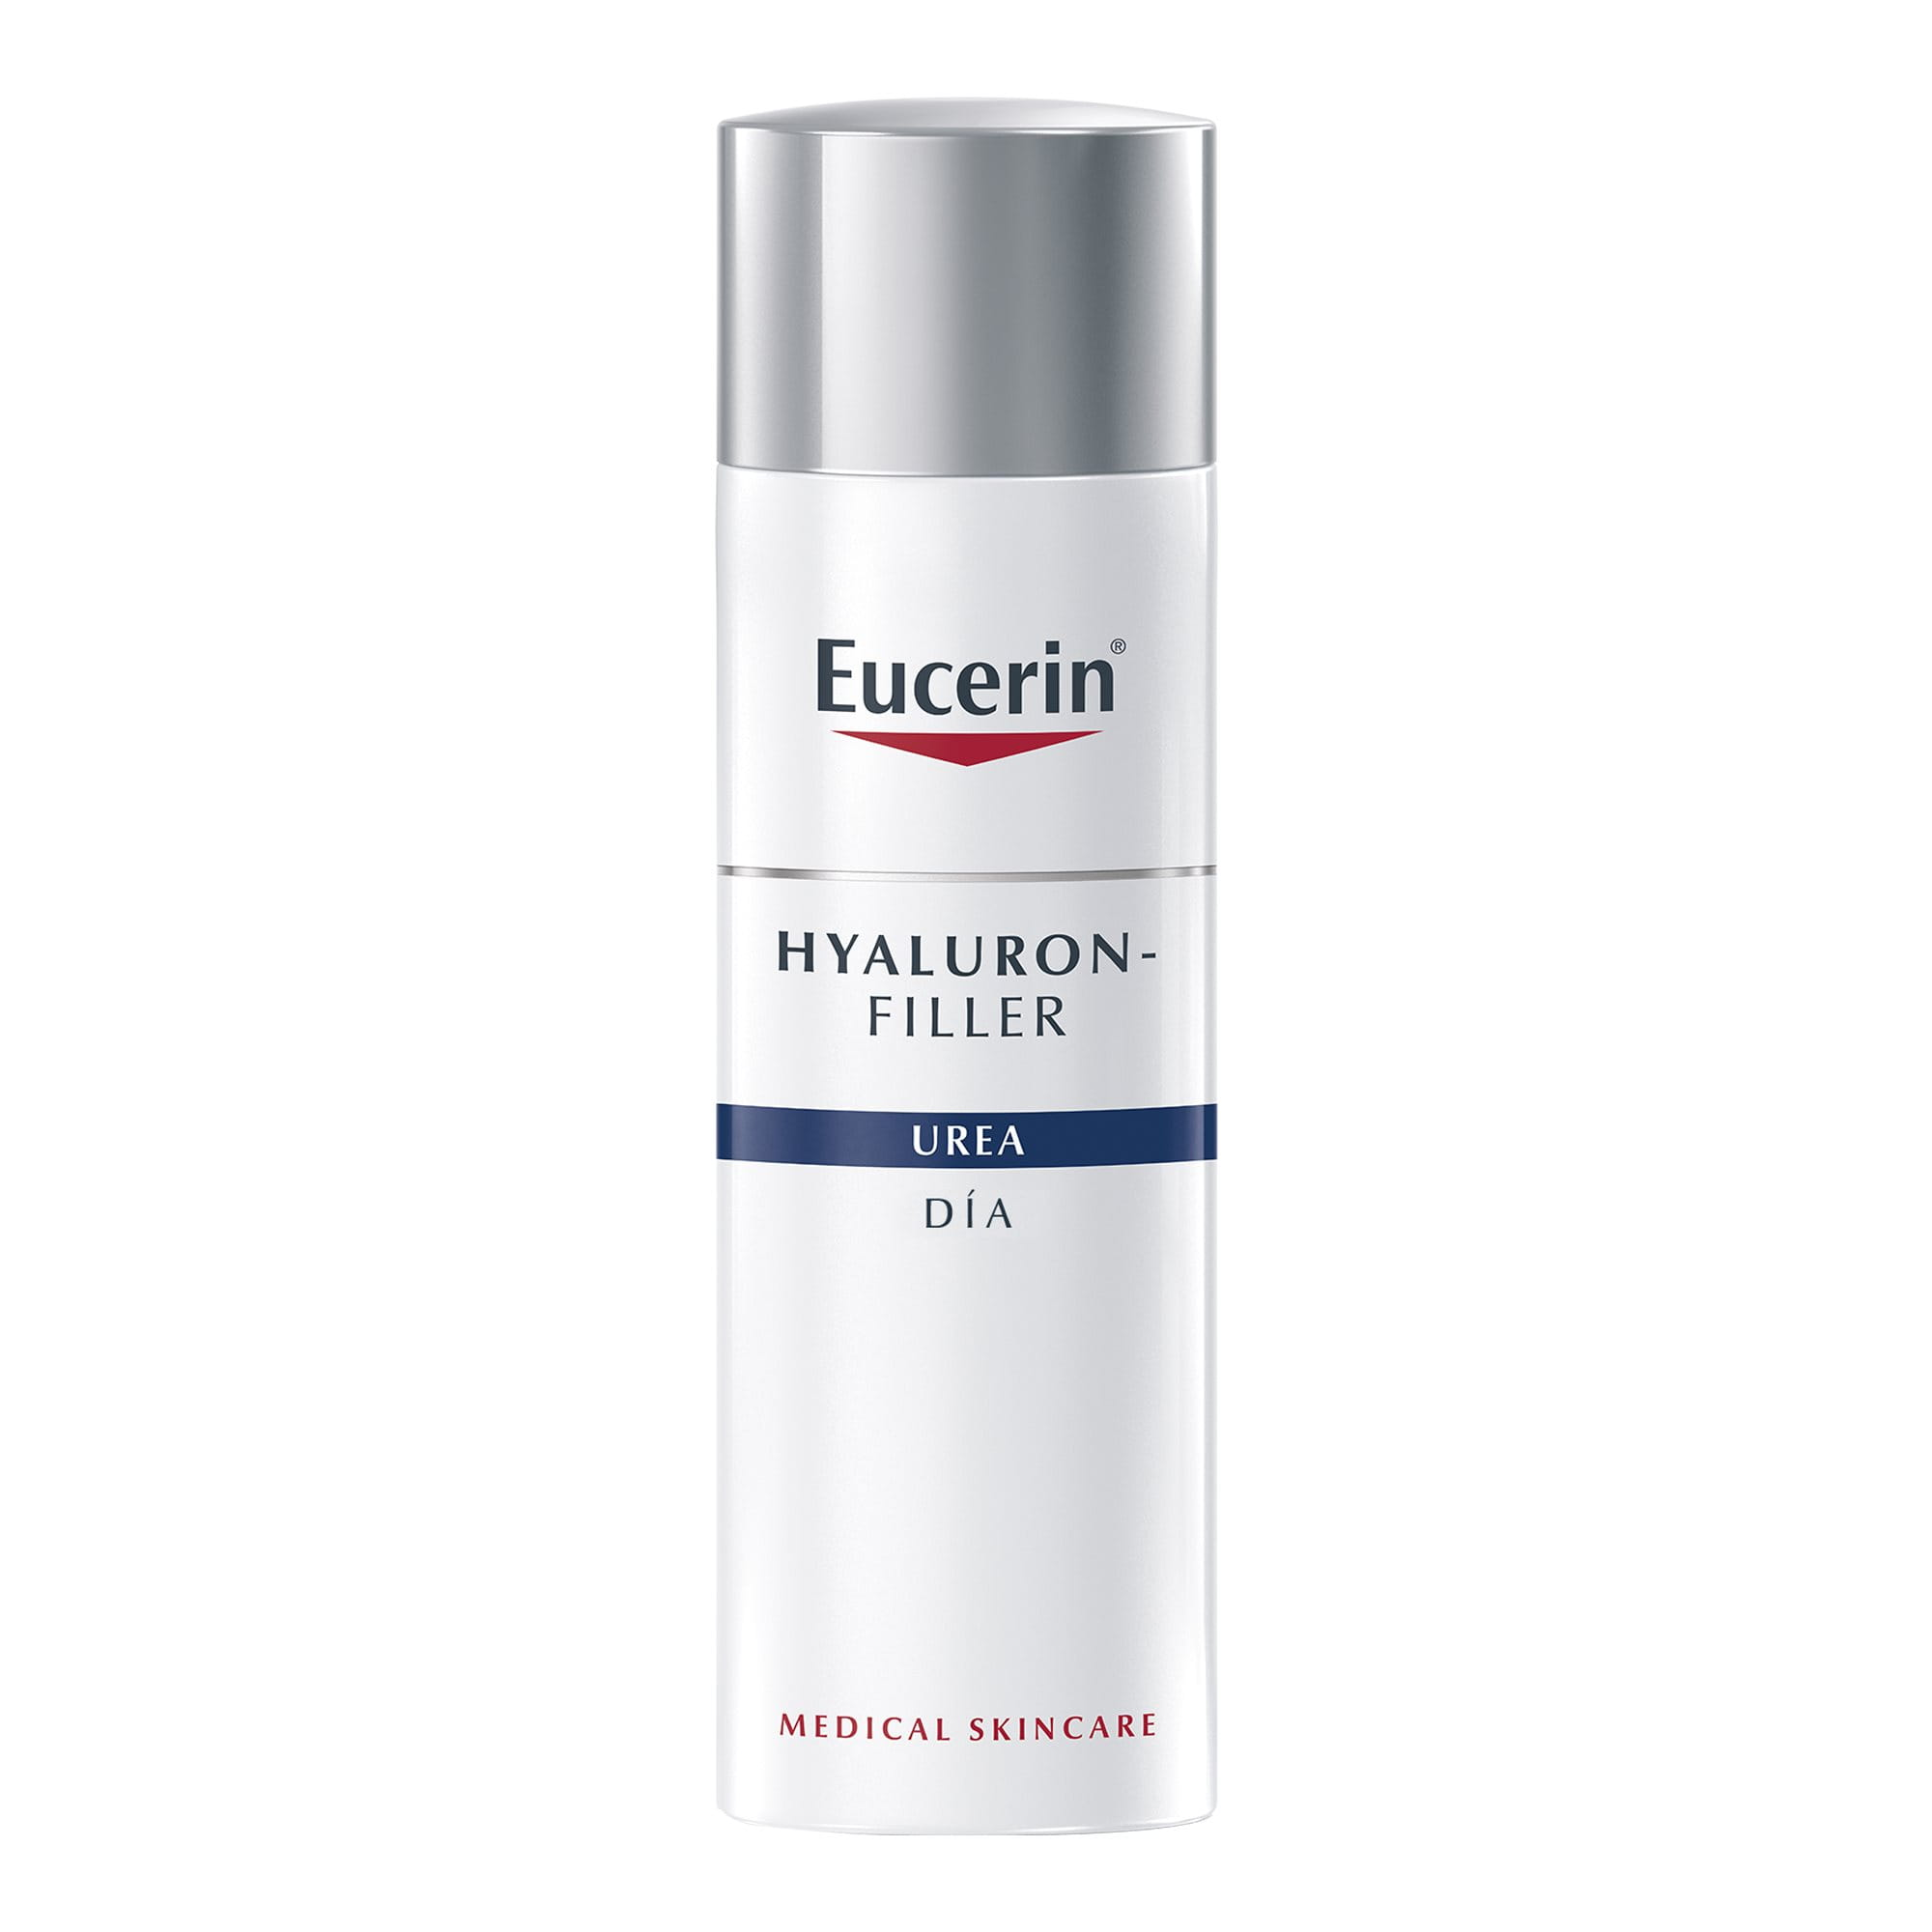 63801_Eucerin-Hyaluron-filler-Urea-dia_packshot